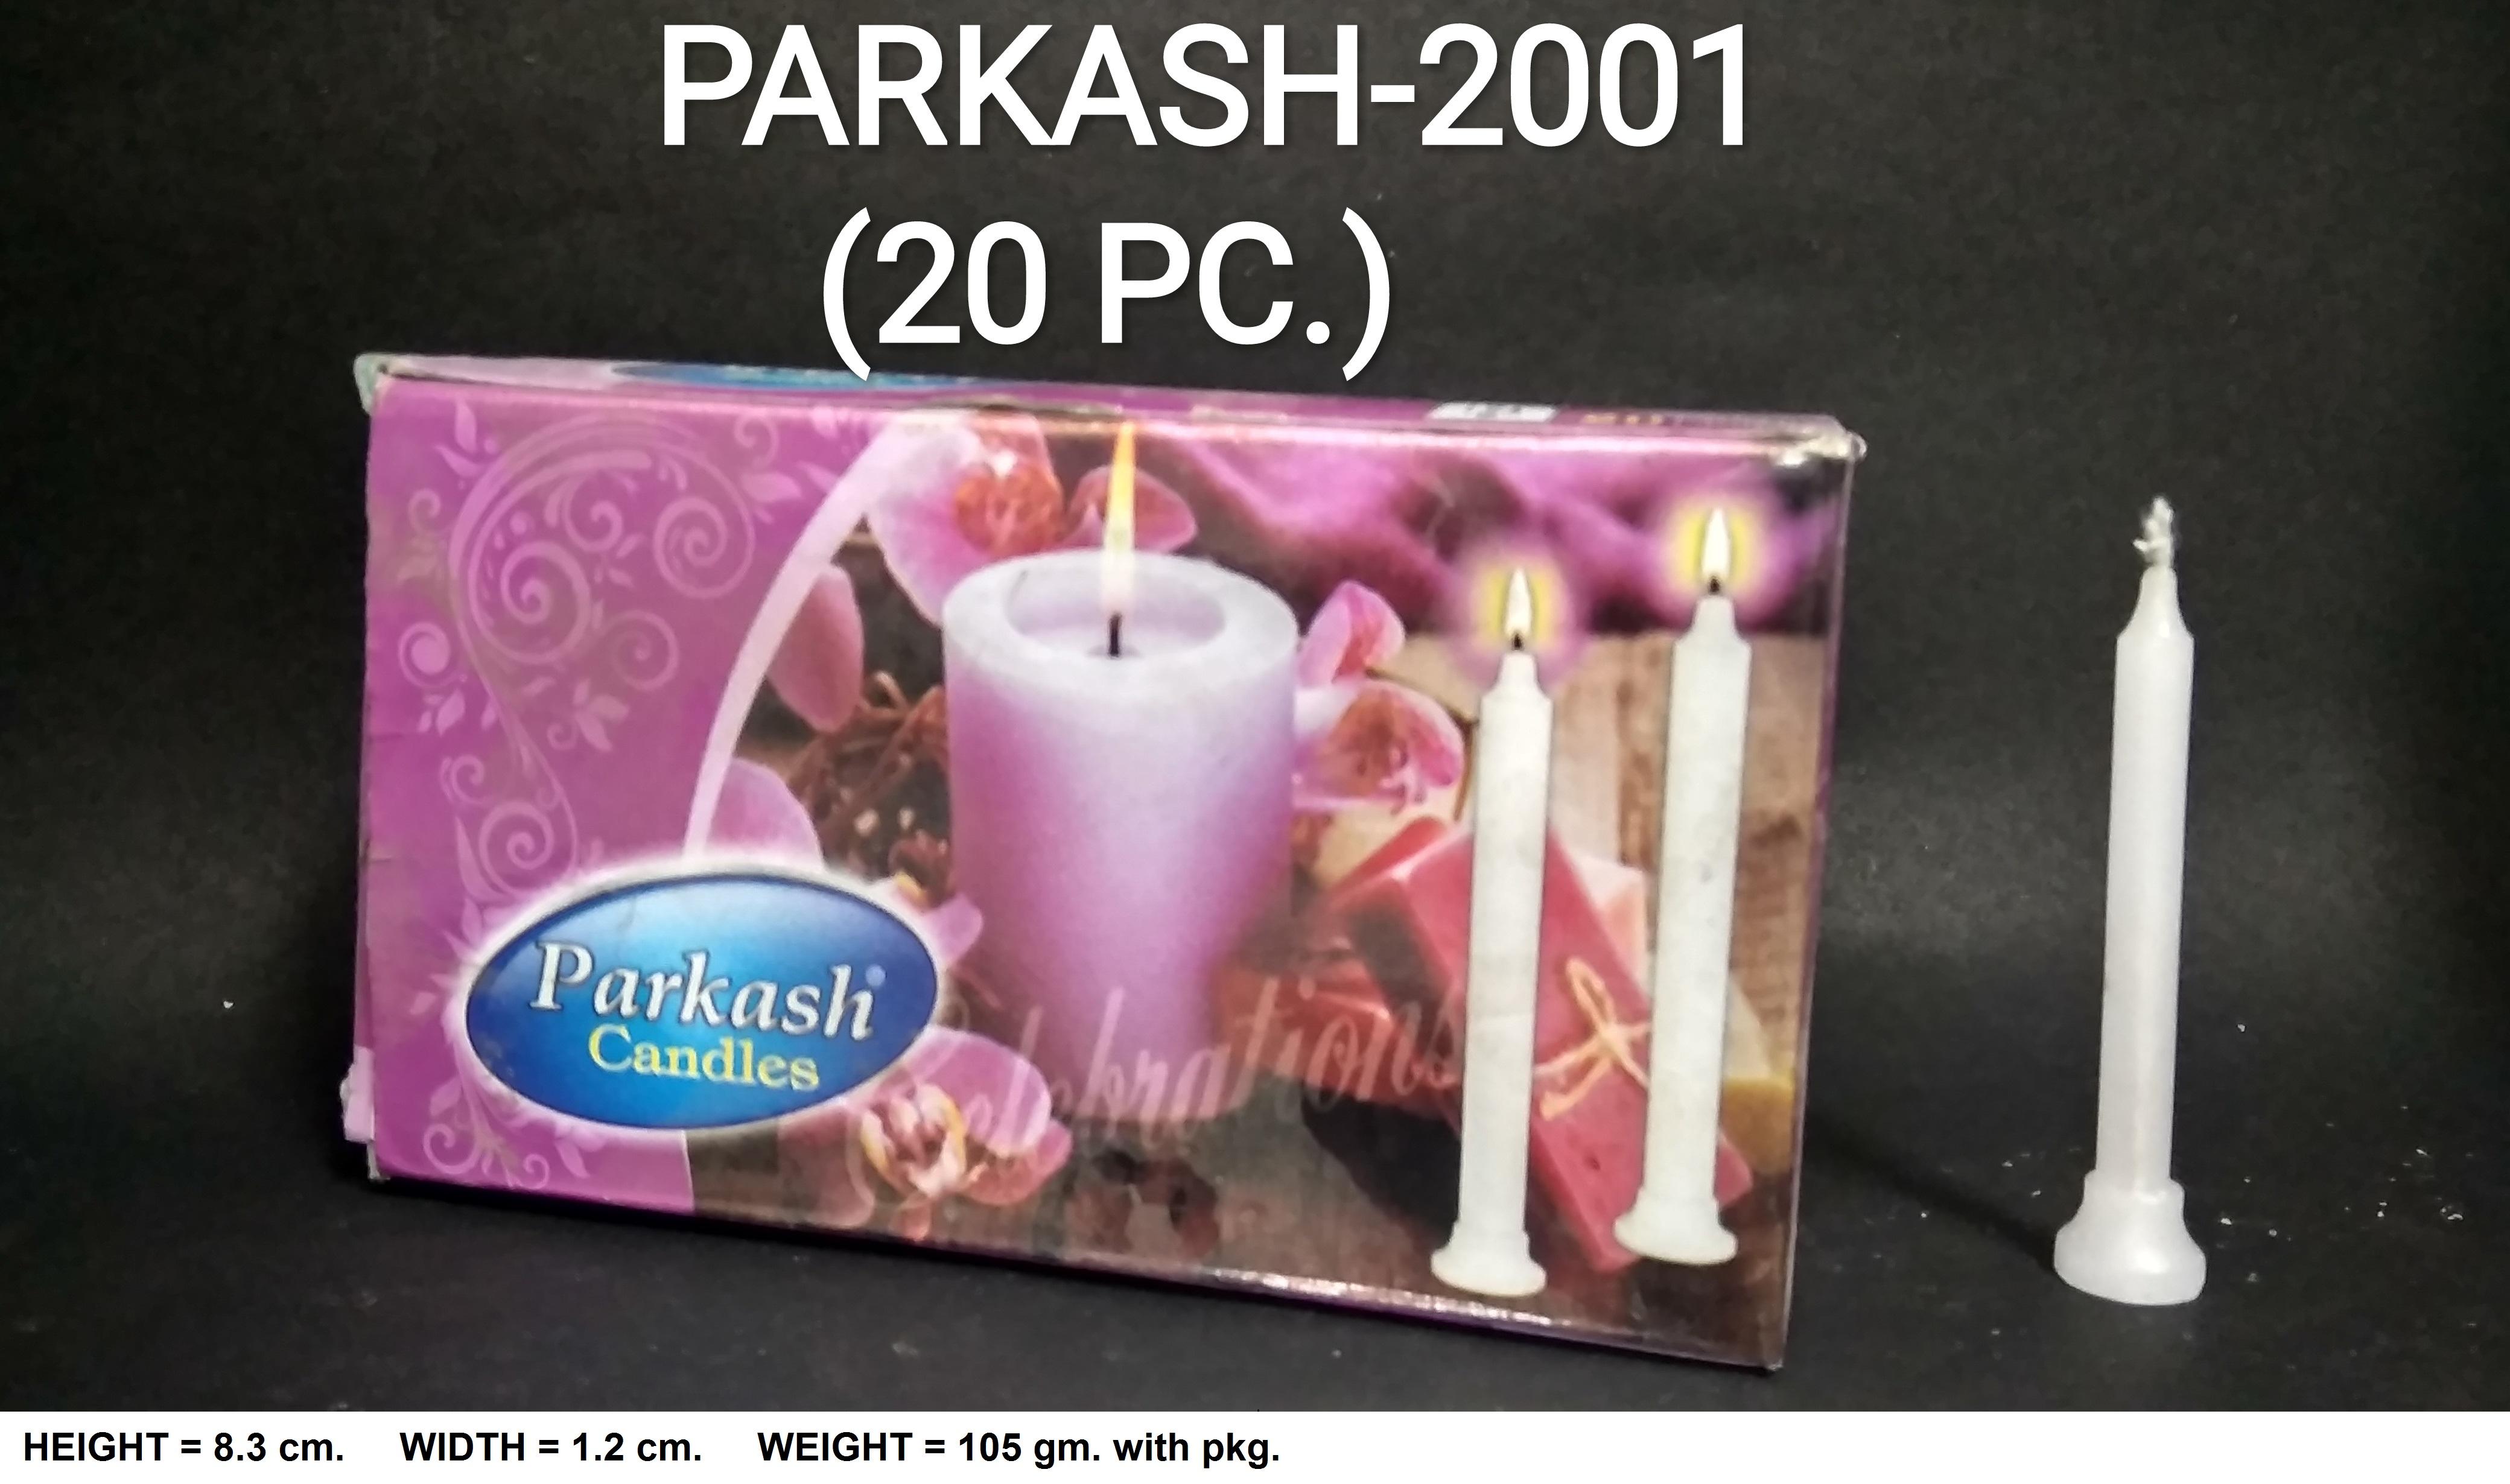 PARKASH-2001